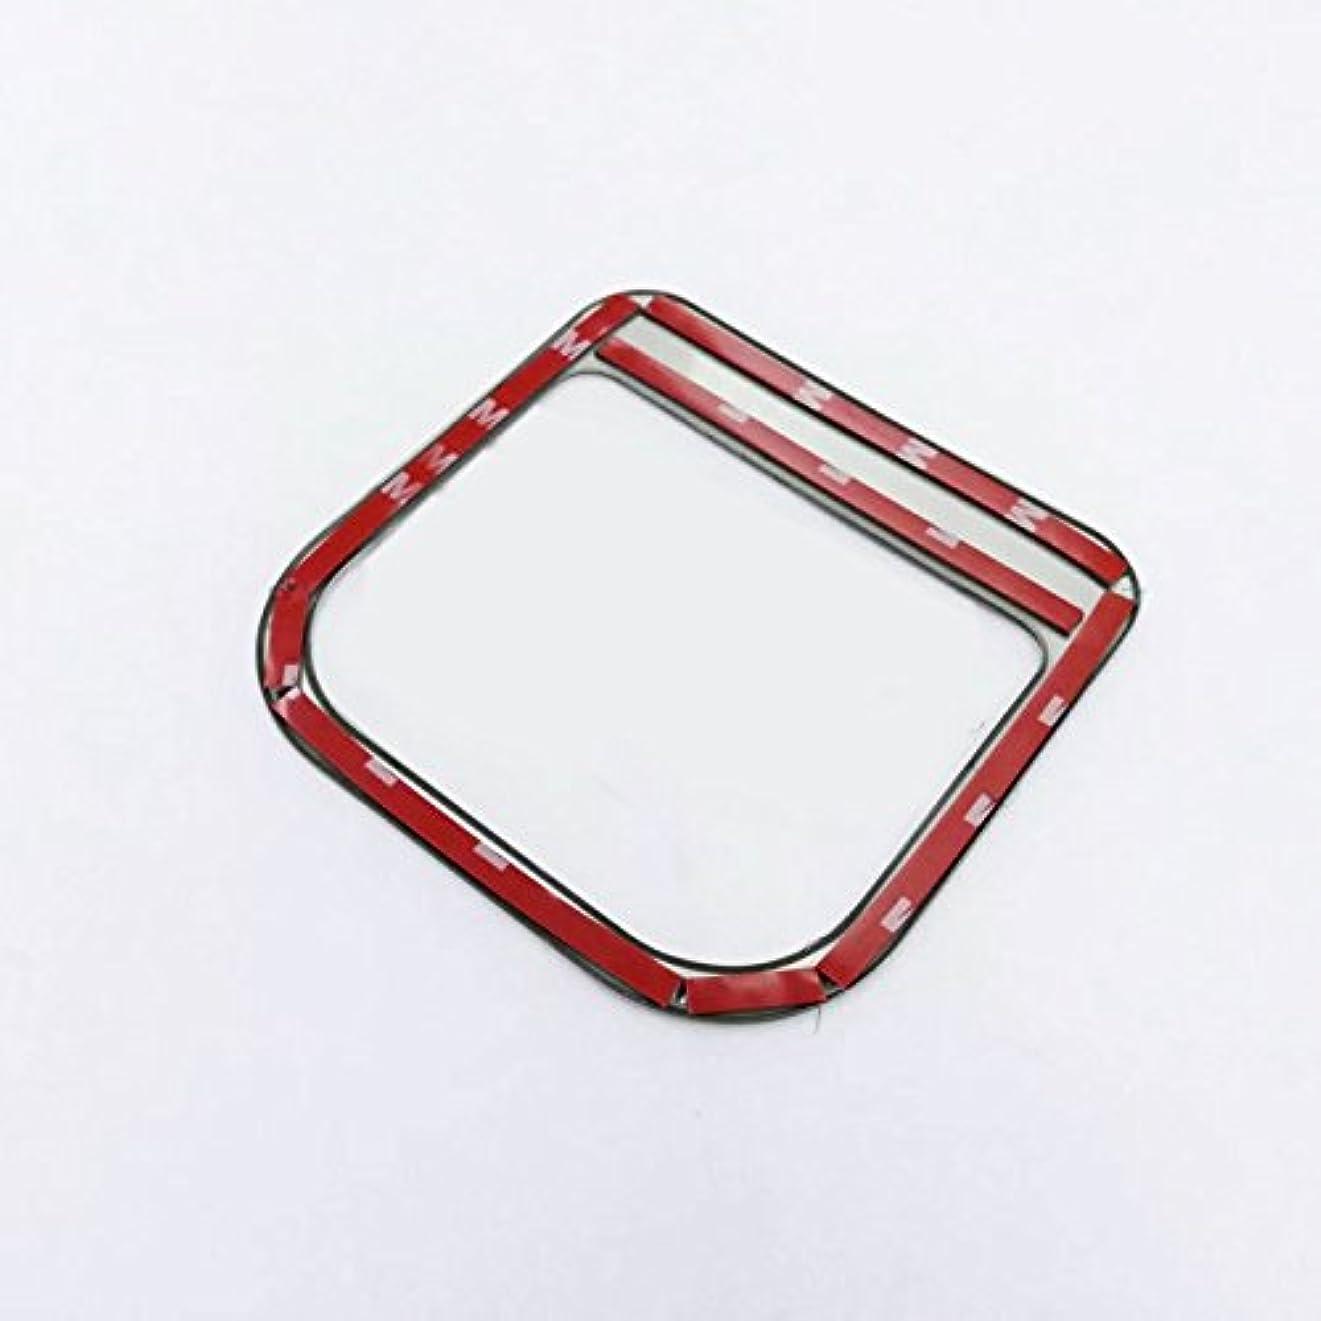 インストラクタークリームラウンジJicorzo - 1pc Car Interior Storage Box handle Cover Trim Sticker Blue For Chevrolet Equinox 2018 Car Interior Accessories Styling